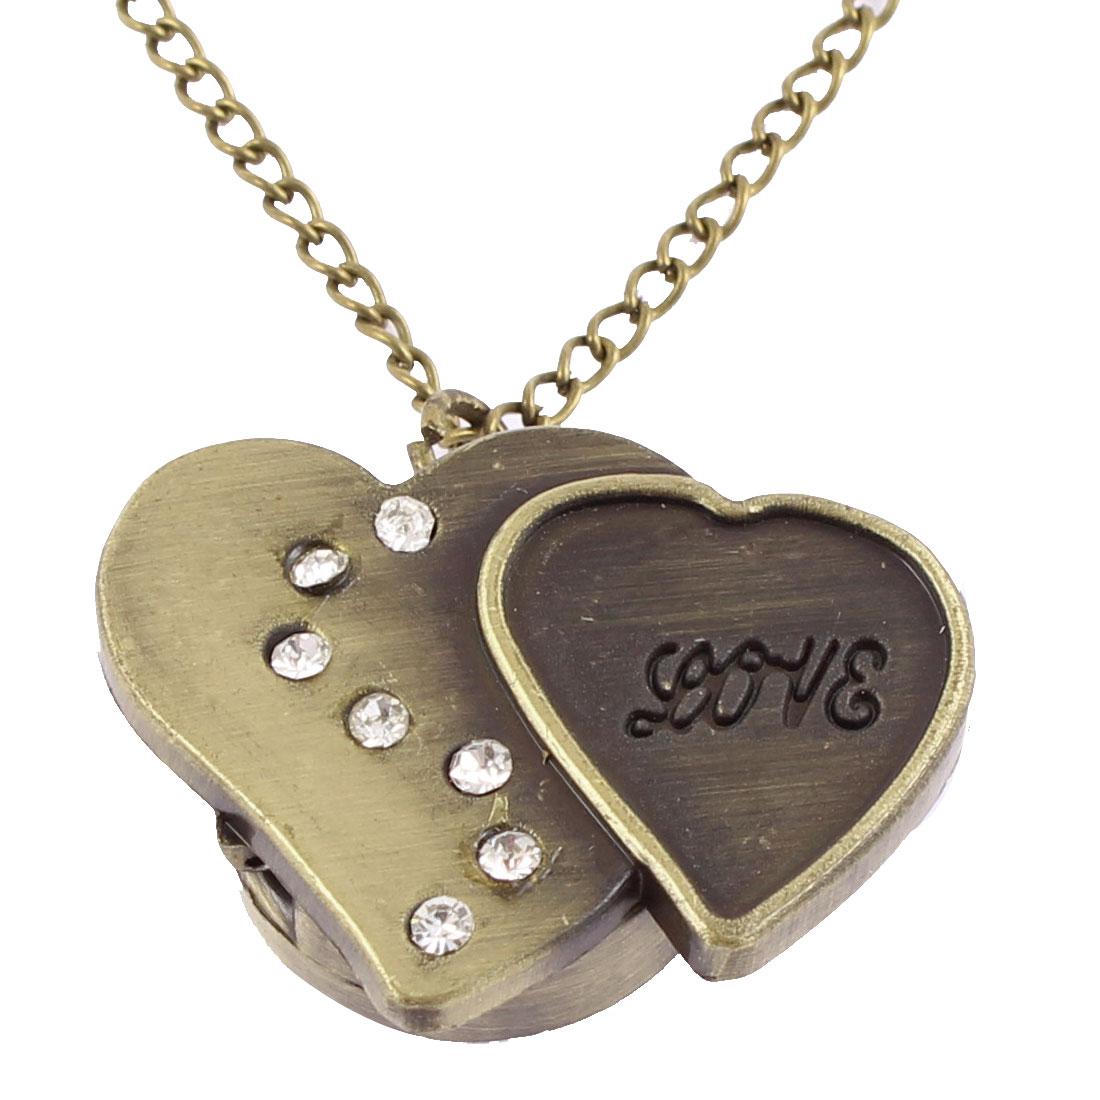 Women Retro Style Double Heart Shape Quartz Necklace Pocket Watch Bronze Tone